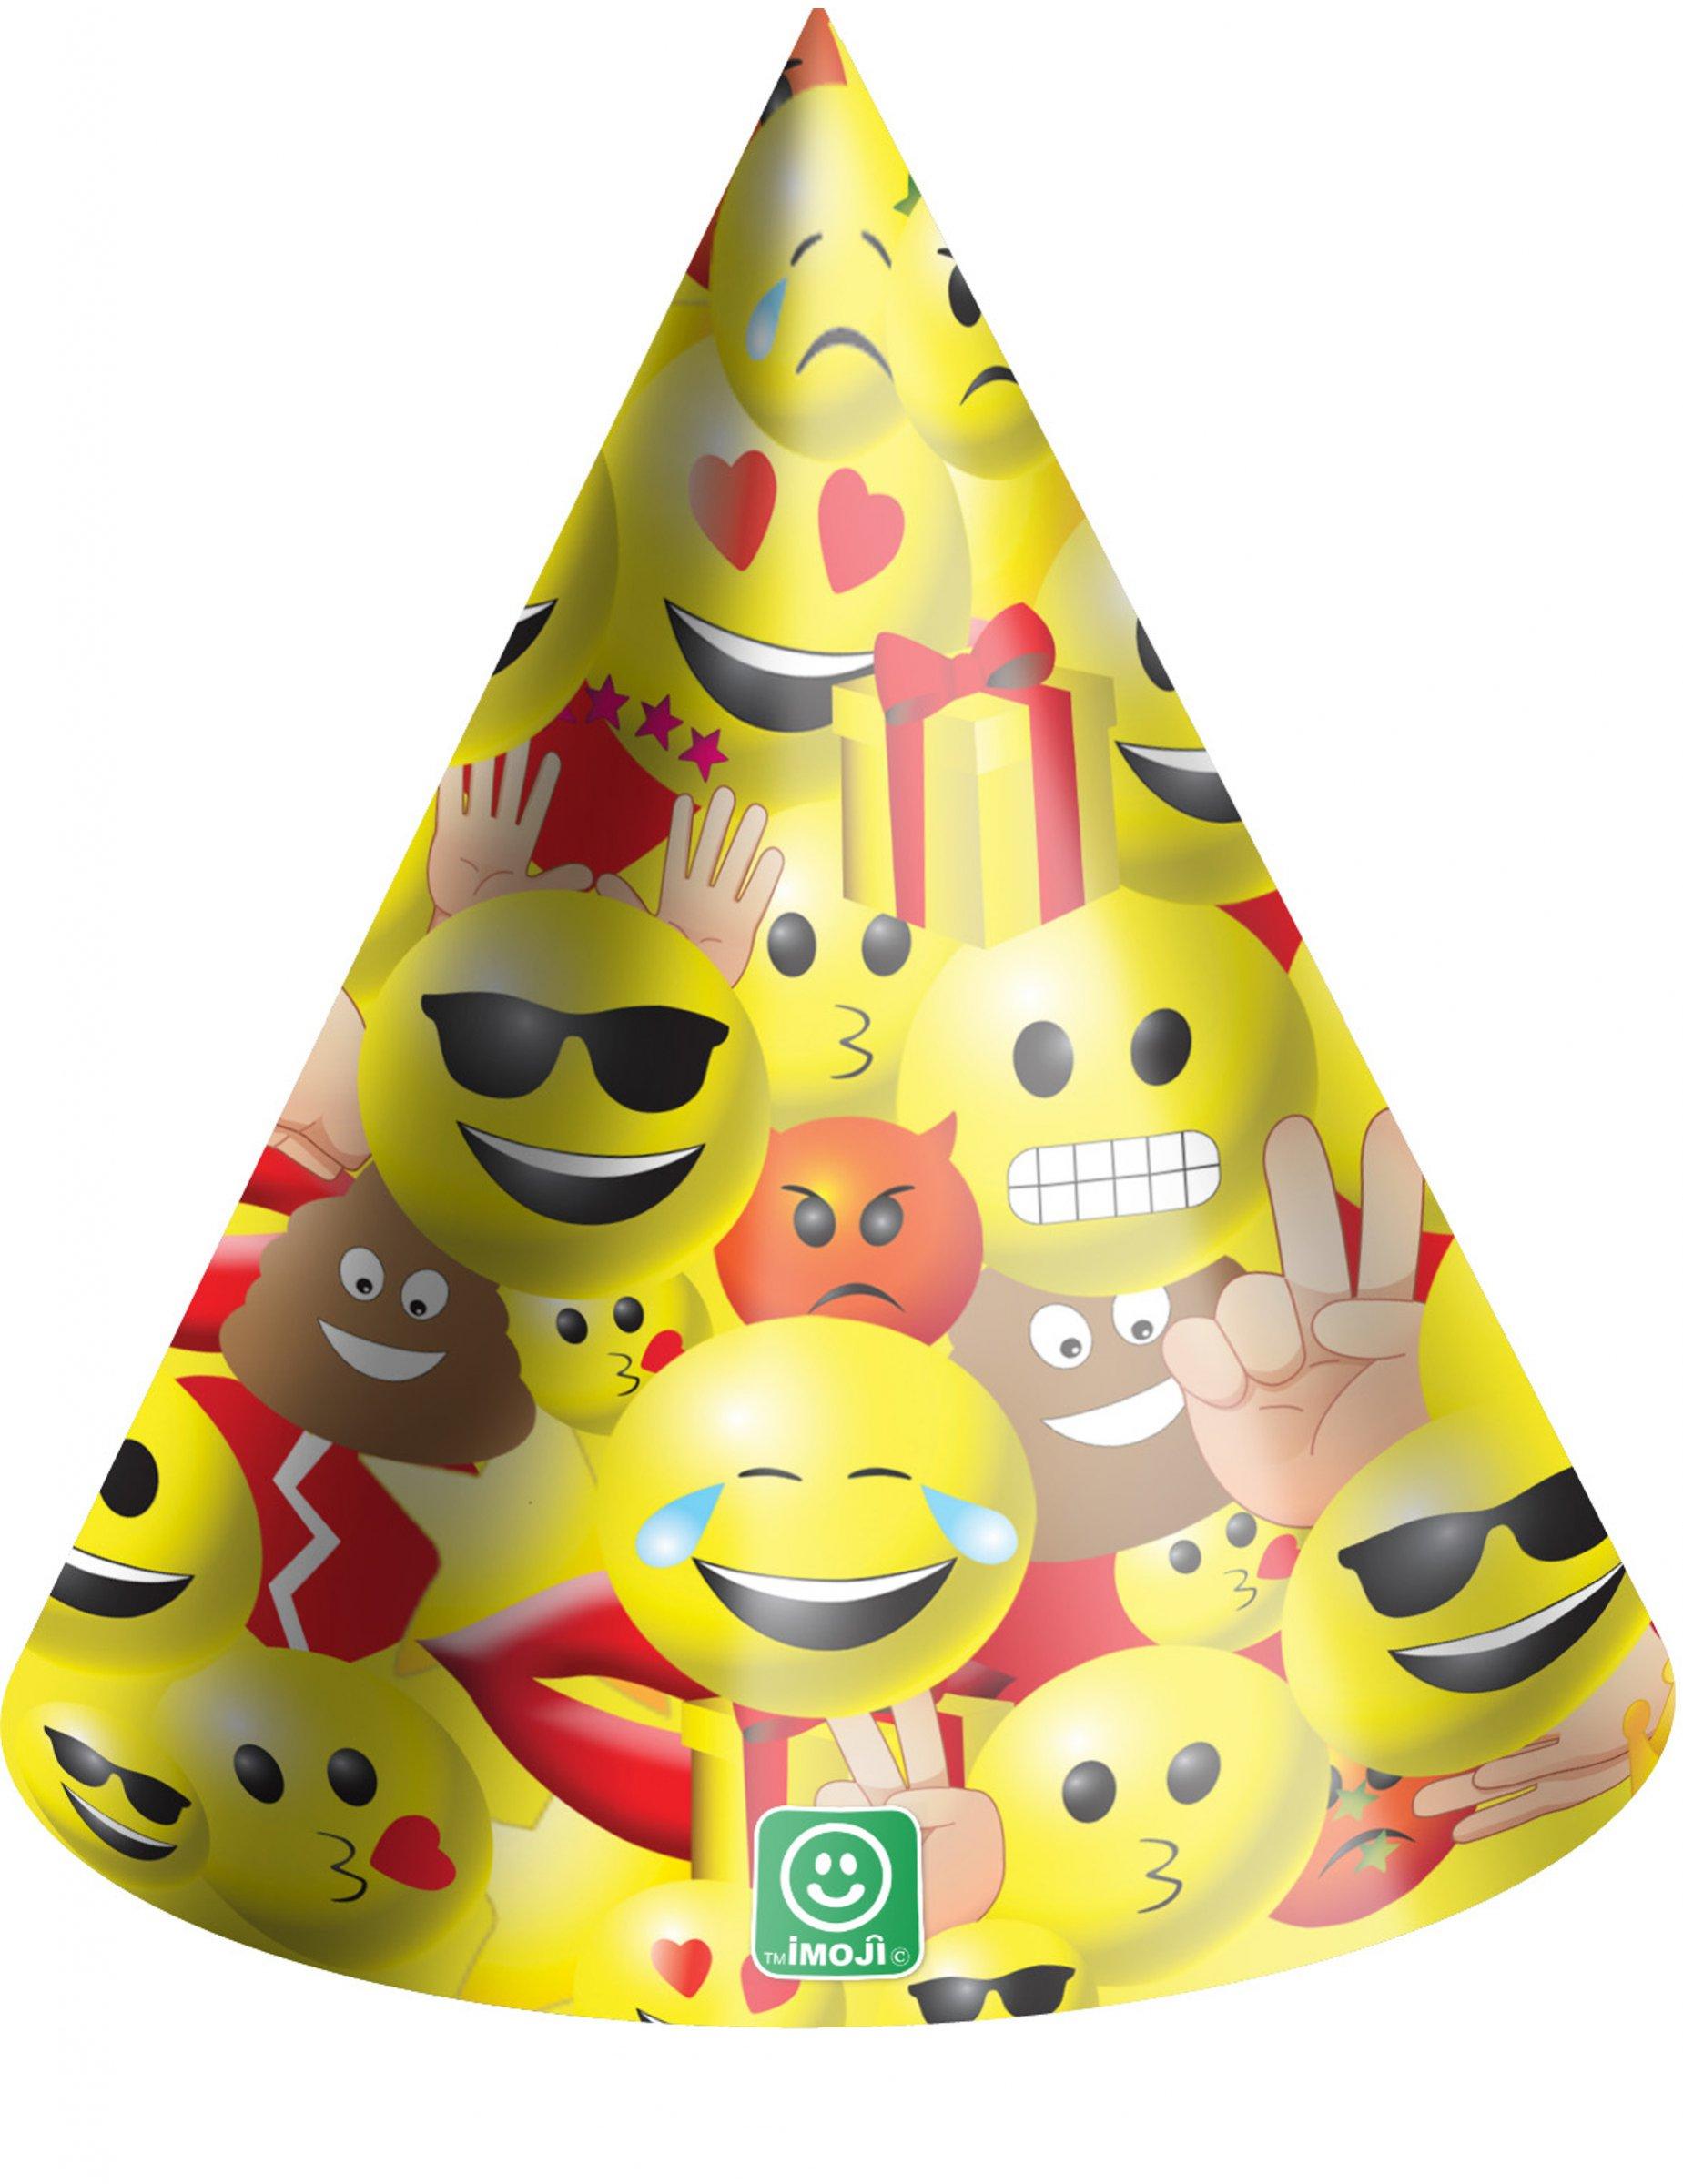 6 cappellini da festa in cartone Imoji™ su VegaooParty 2368f10a137d